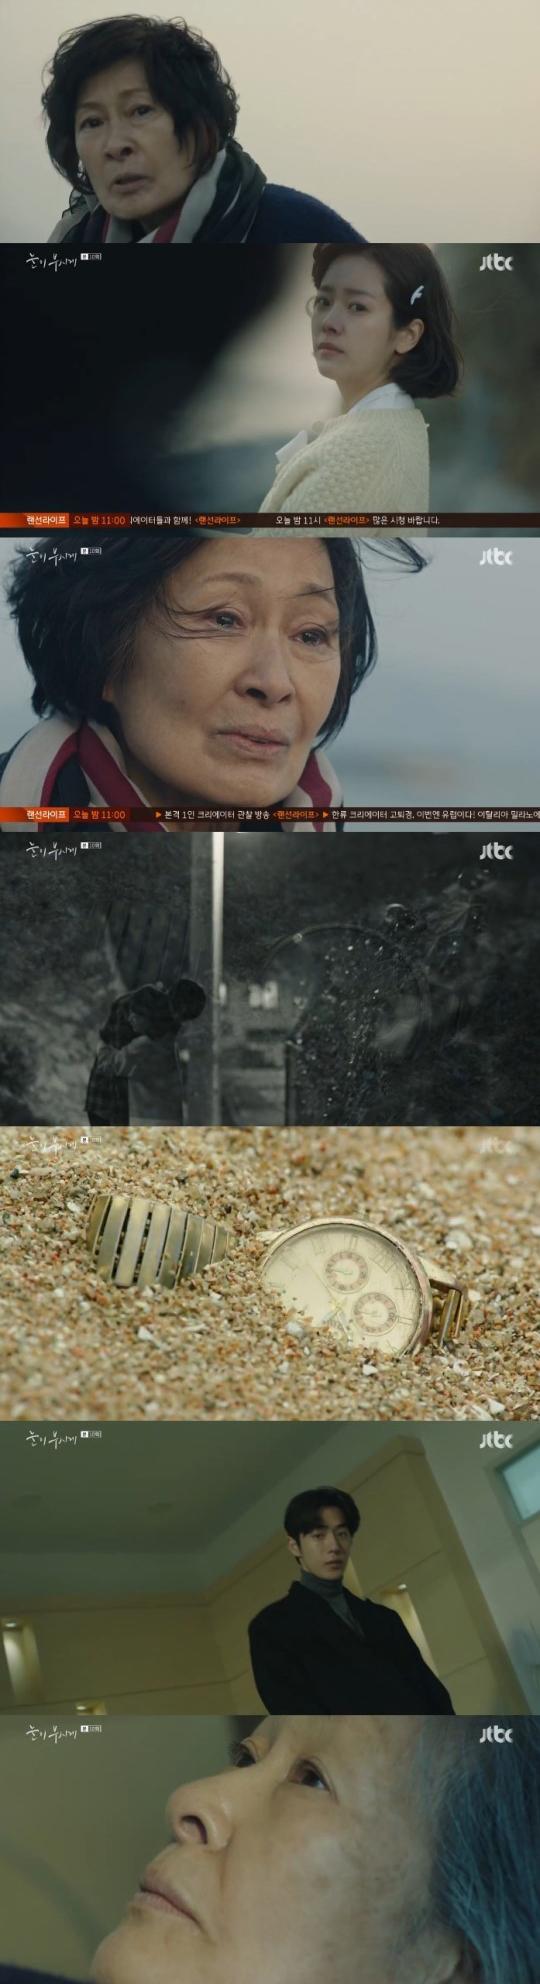 '눈이부시게' 김혜자, 알츠하이머 충격 엔딩…12부 다음주 종영